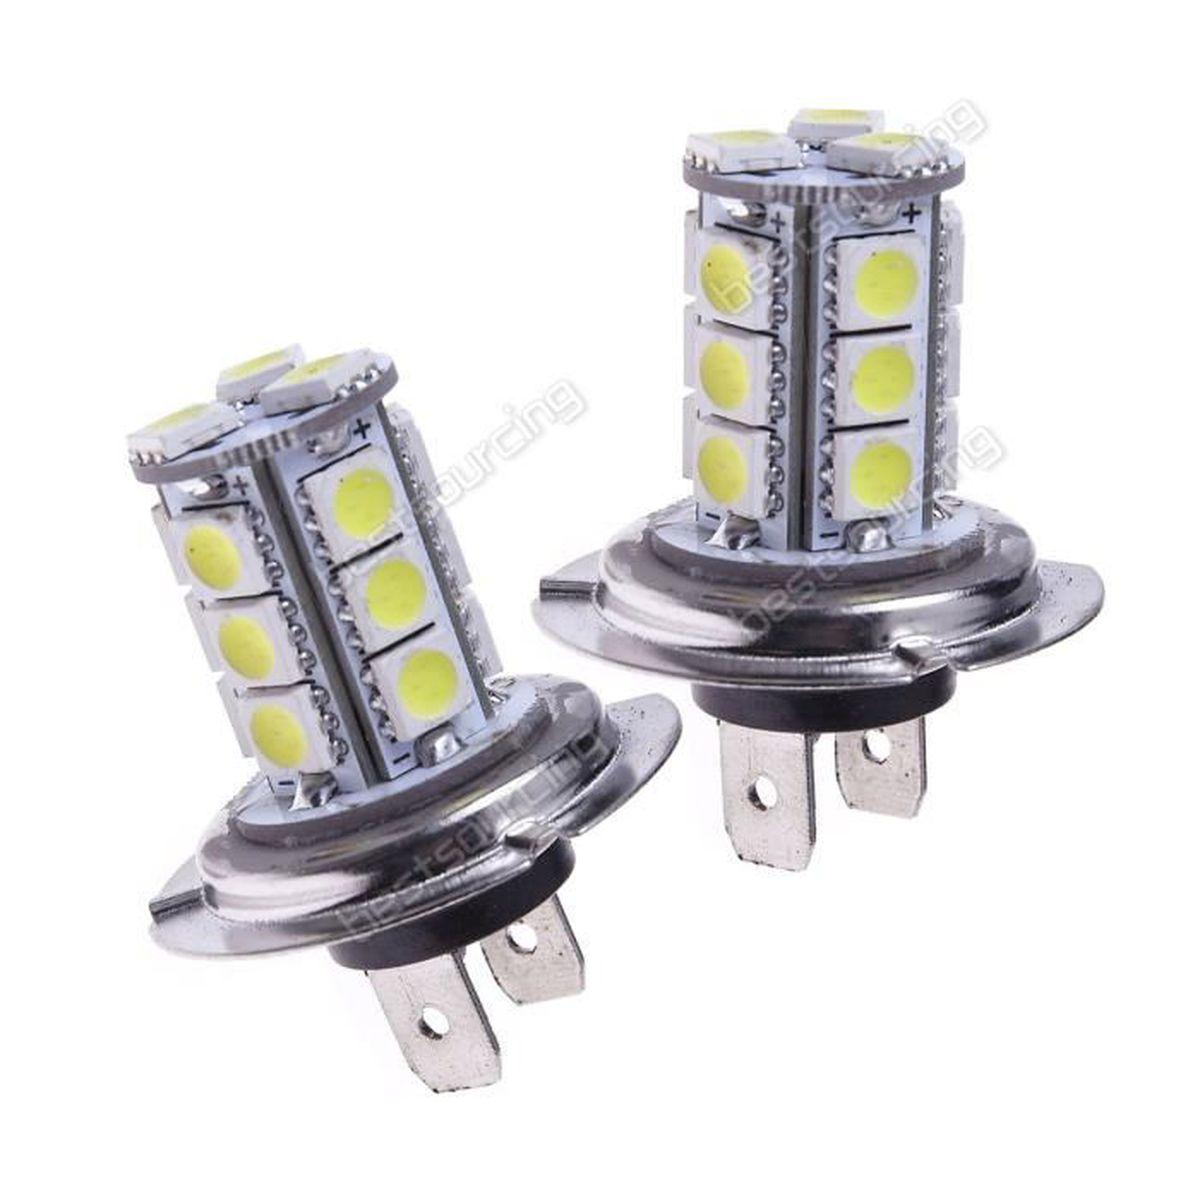 Ampoule xenon h7 affordable ampoules a iode xenon h w - Ampoule led voiture h7 ...